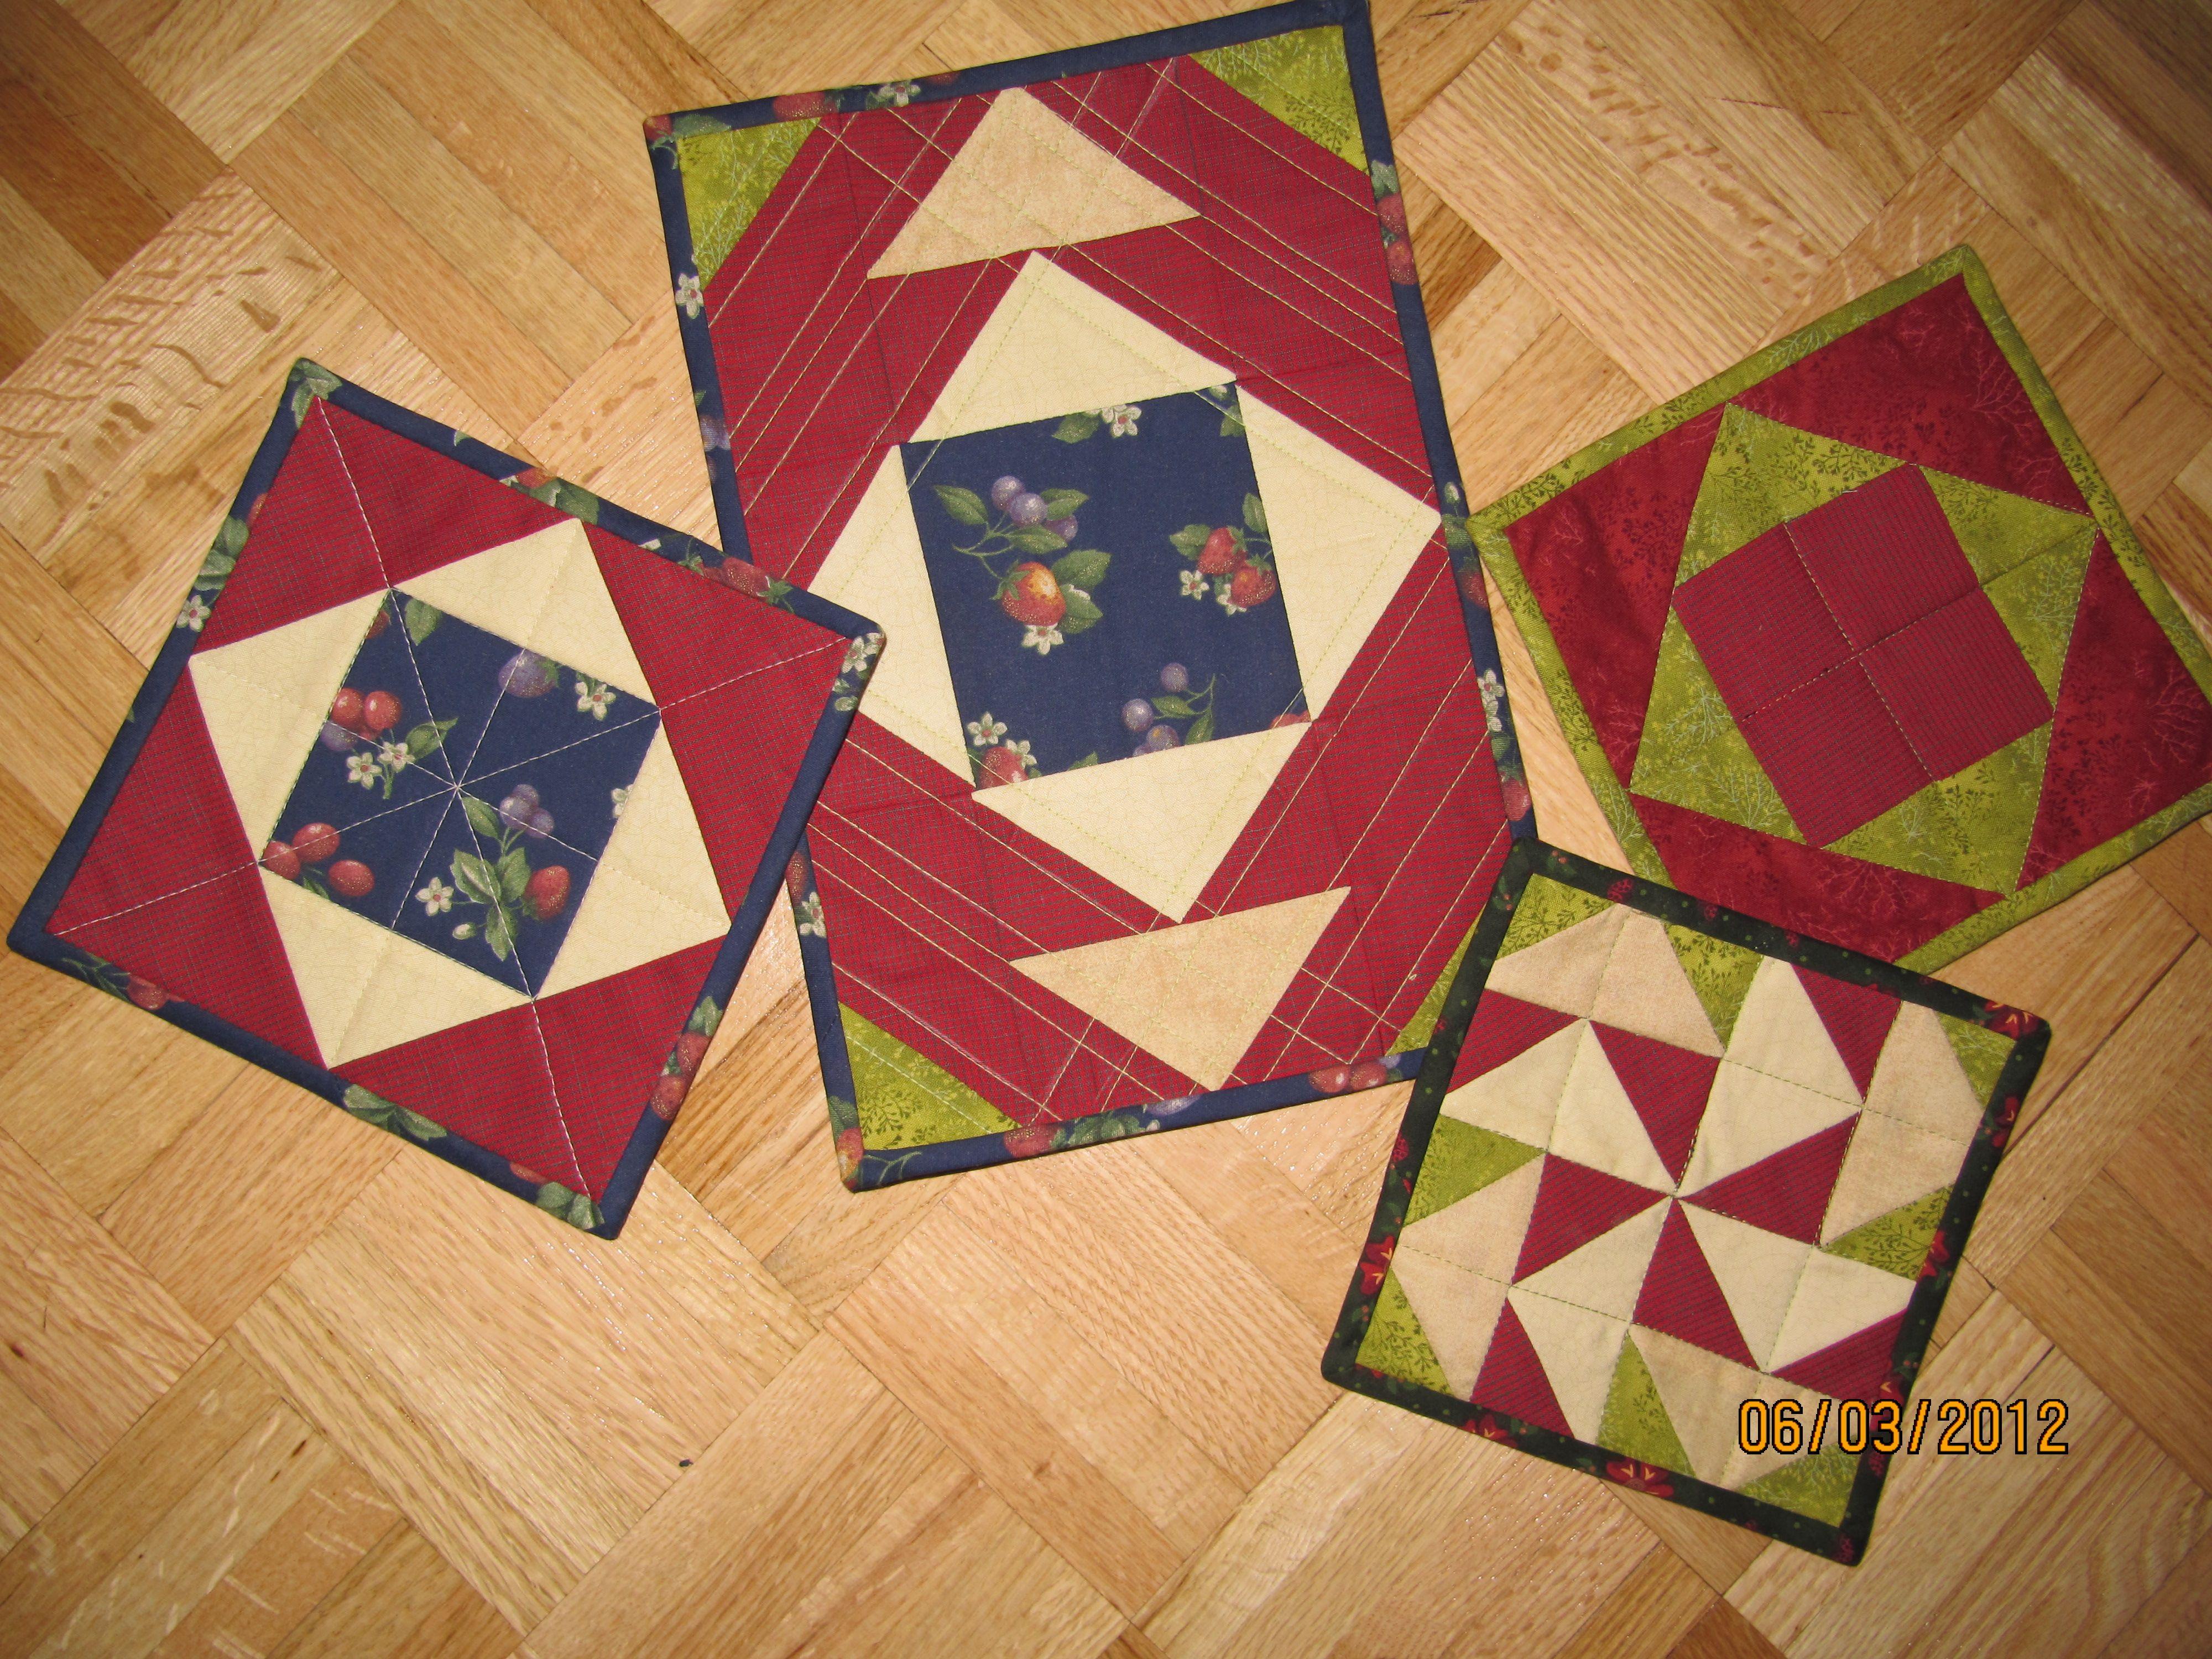 Petits sous-plats pour pratiquer des blocs traditionnels.  Mai 2012.